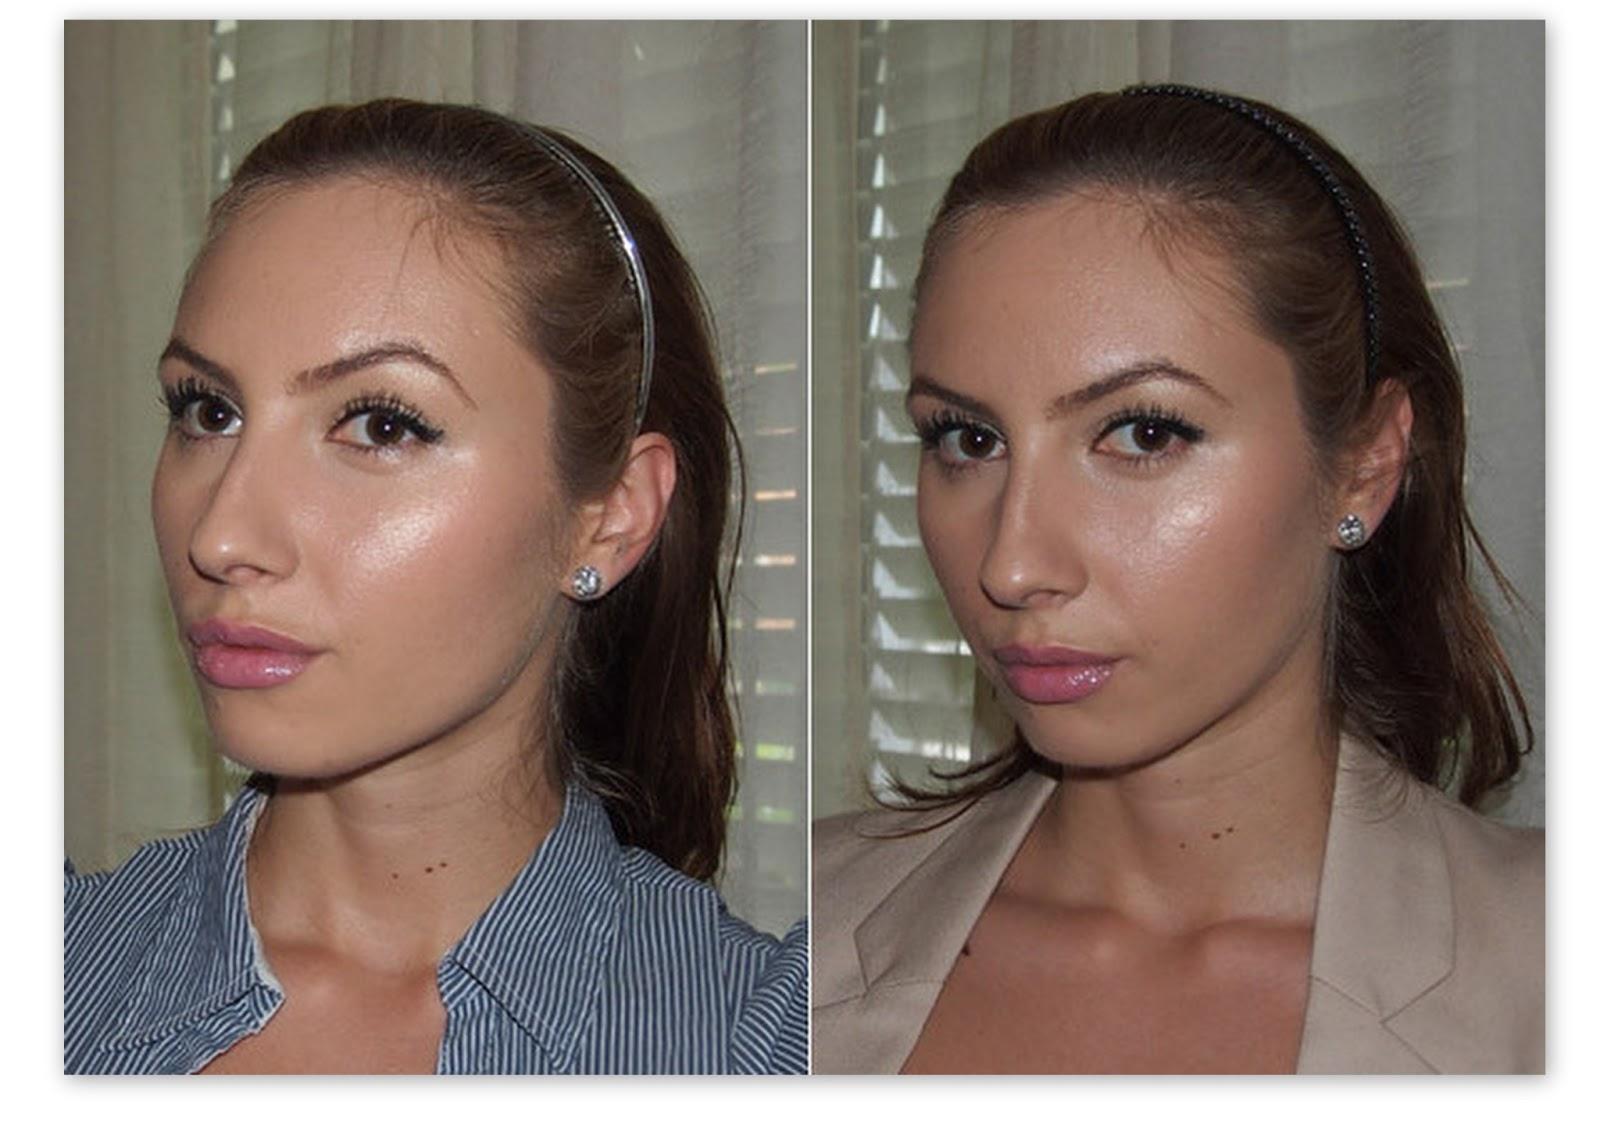 Beauty Fashion Job Training: Fashion Beauty Panel: Job Interview Make-up